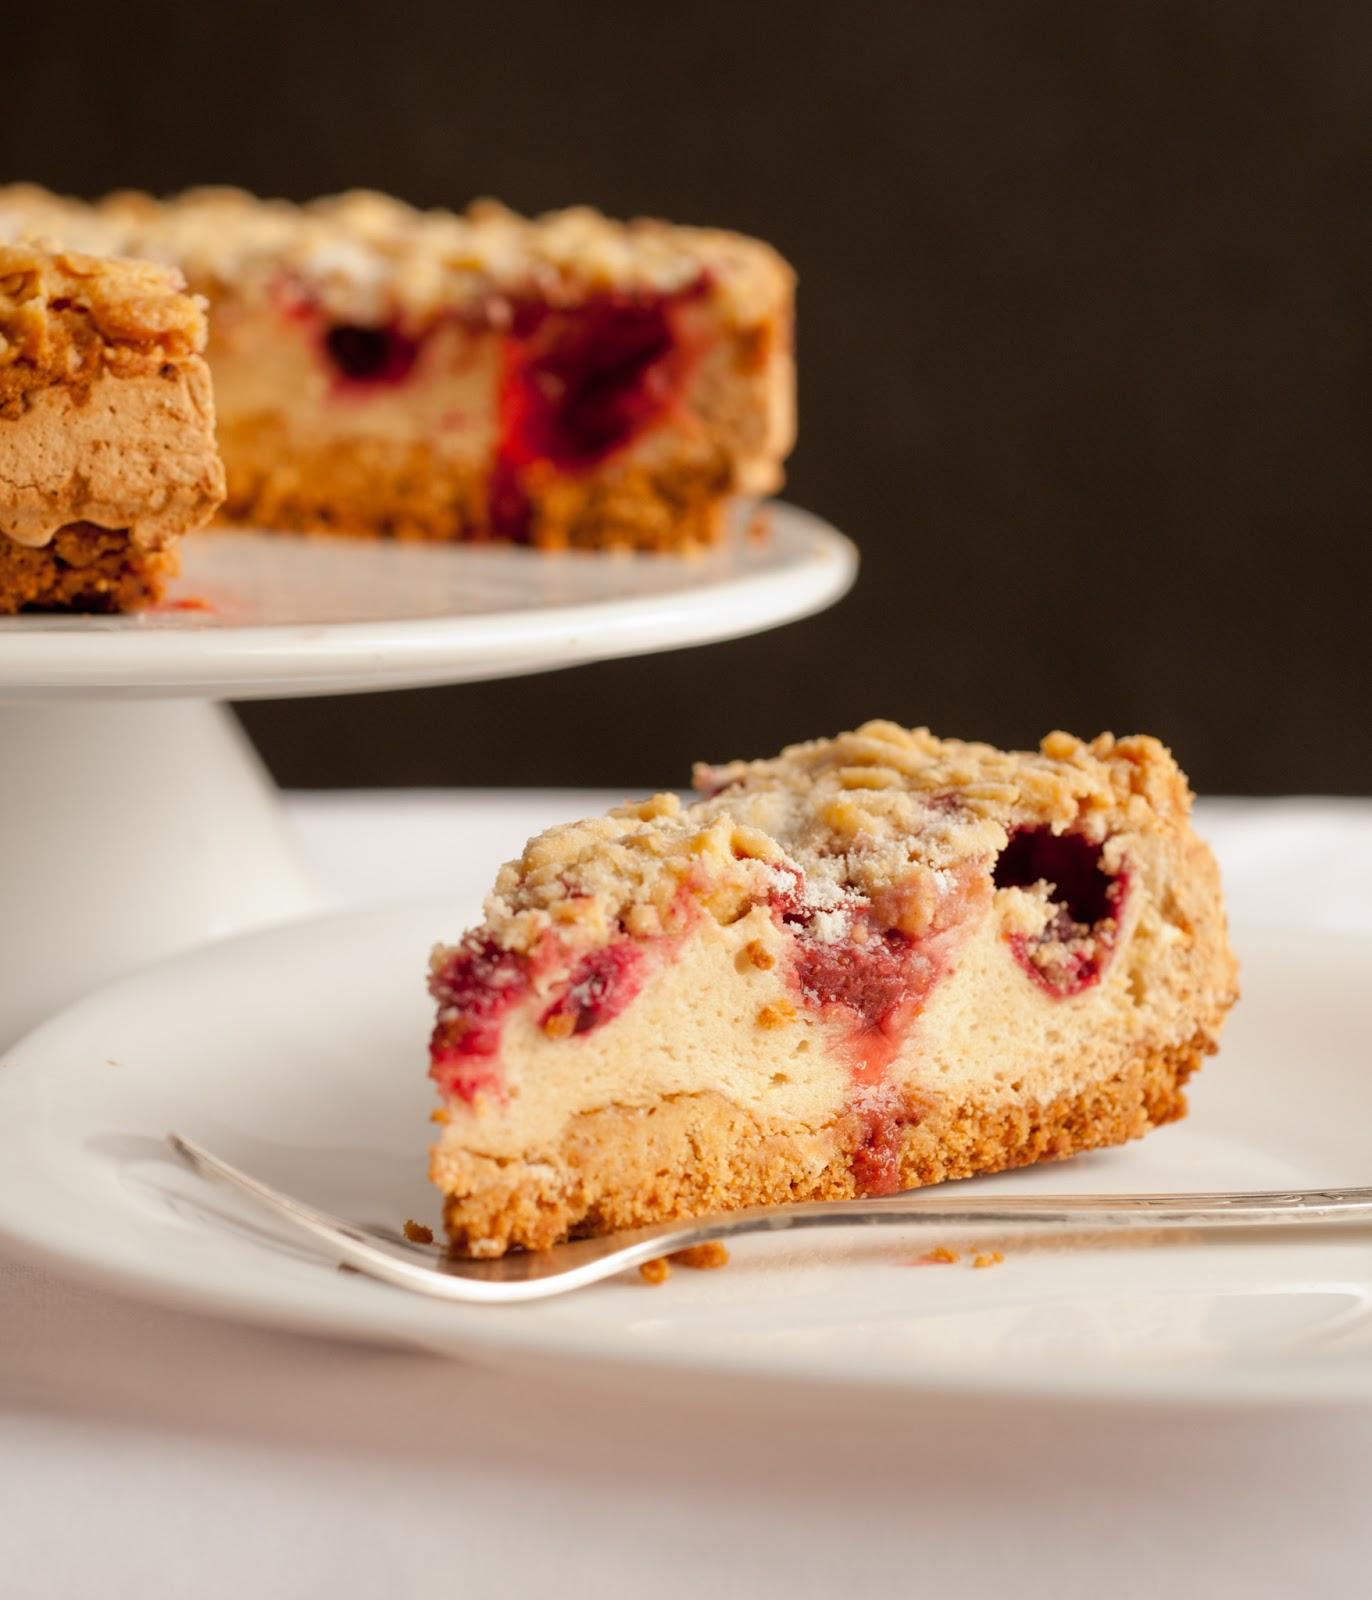 Kruche ciasto z owocami i pianką budyniową